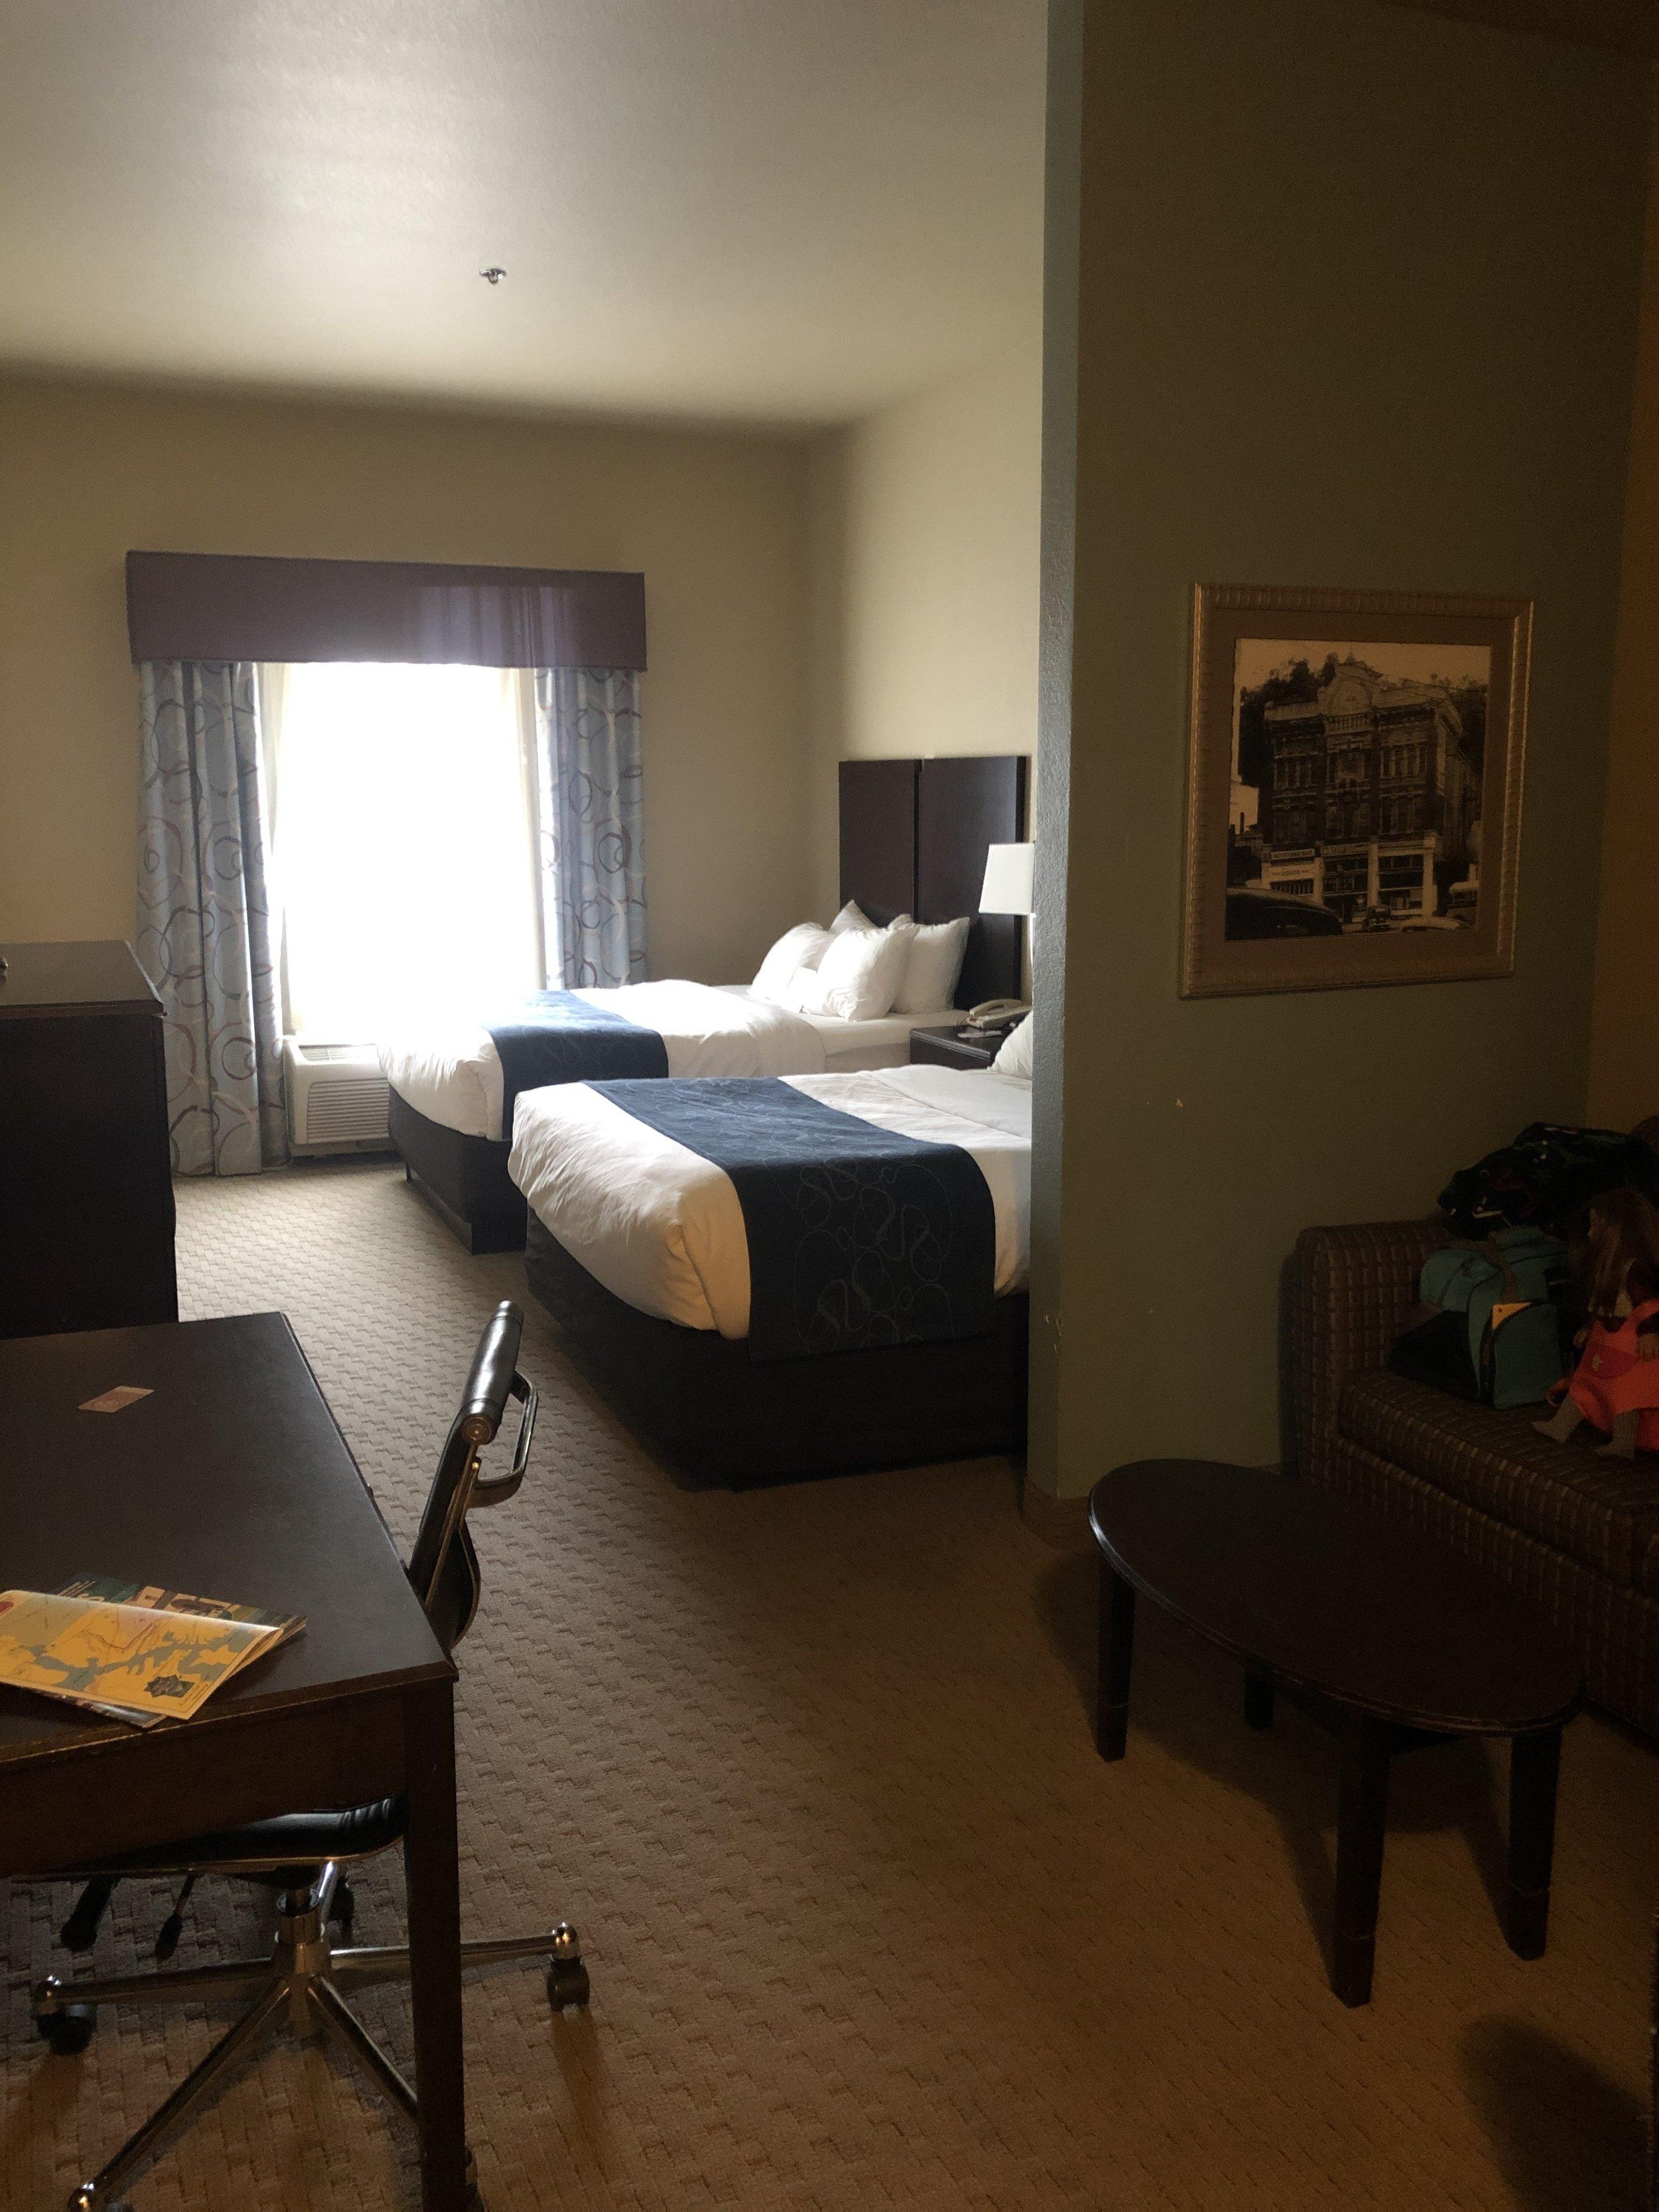 Comfort Suites, 320 Nash St, Hot Springs, Arkansas Hotels via Weekend Trips From Nashville